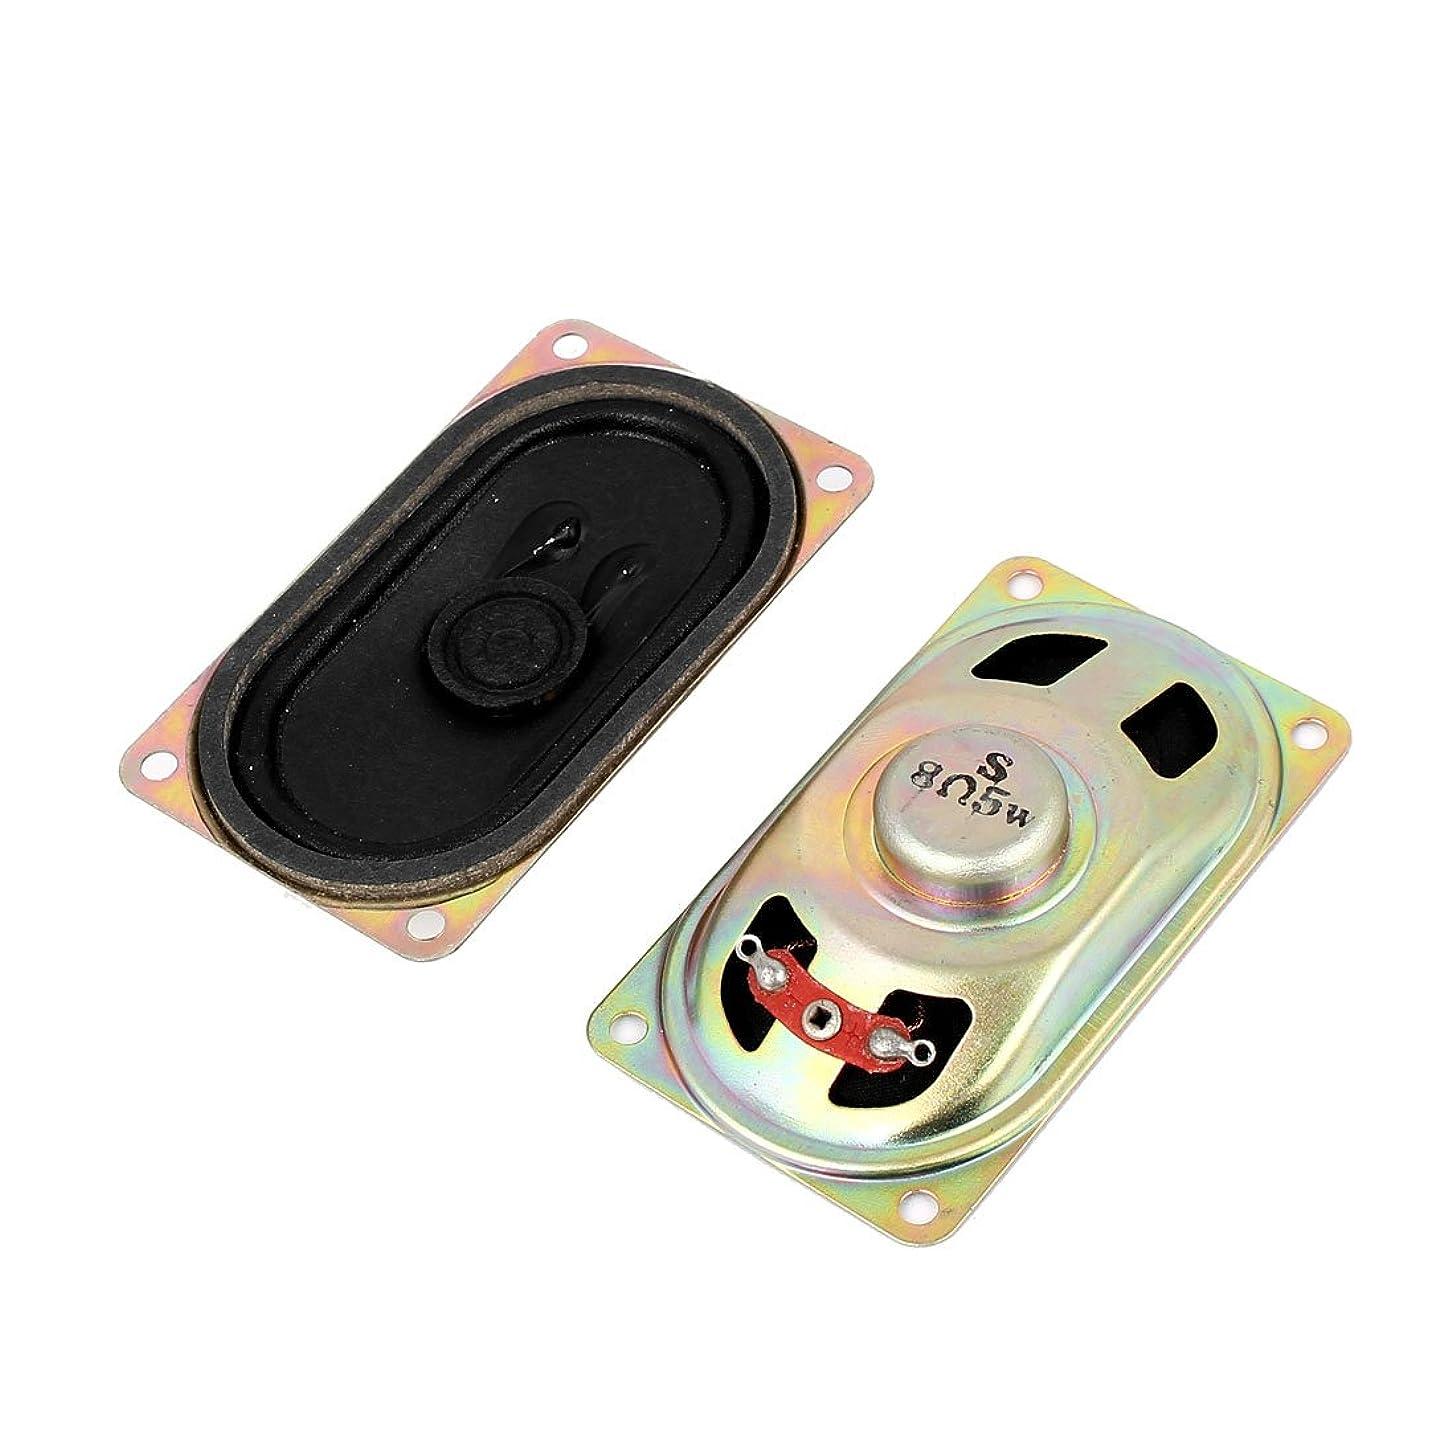 8 Ohm 5 W LCD TV / Arcade / Monitor Audio Speaker Amplifier Loudspeaker Trumpets 2Pcs by Atomic Market